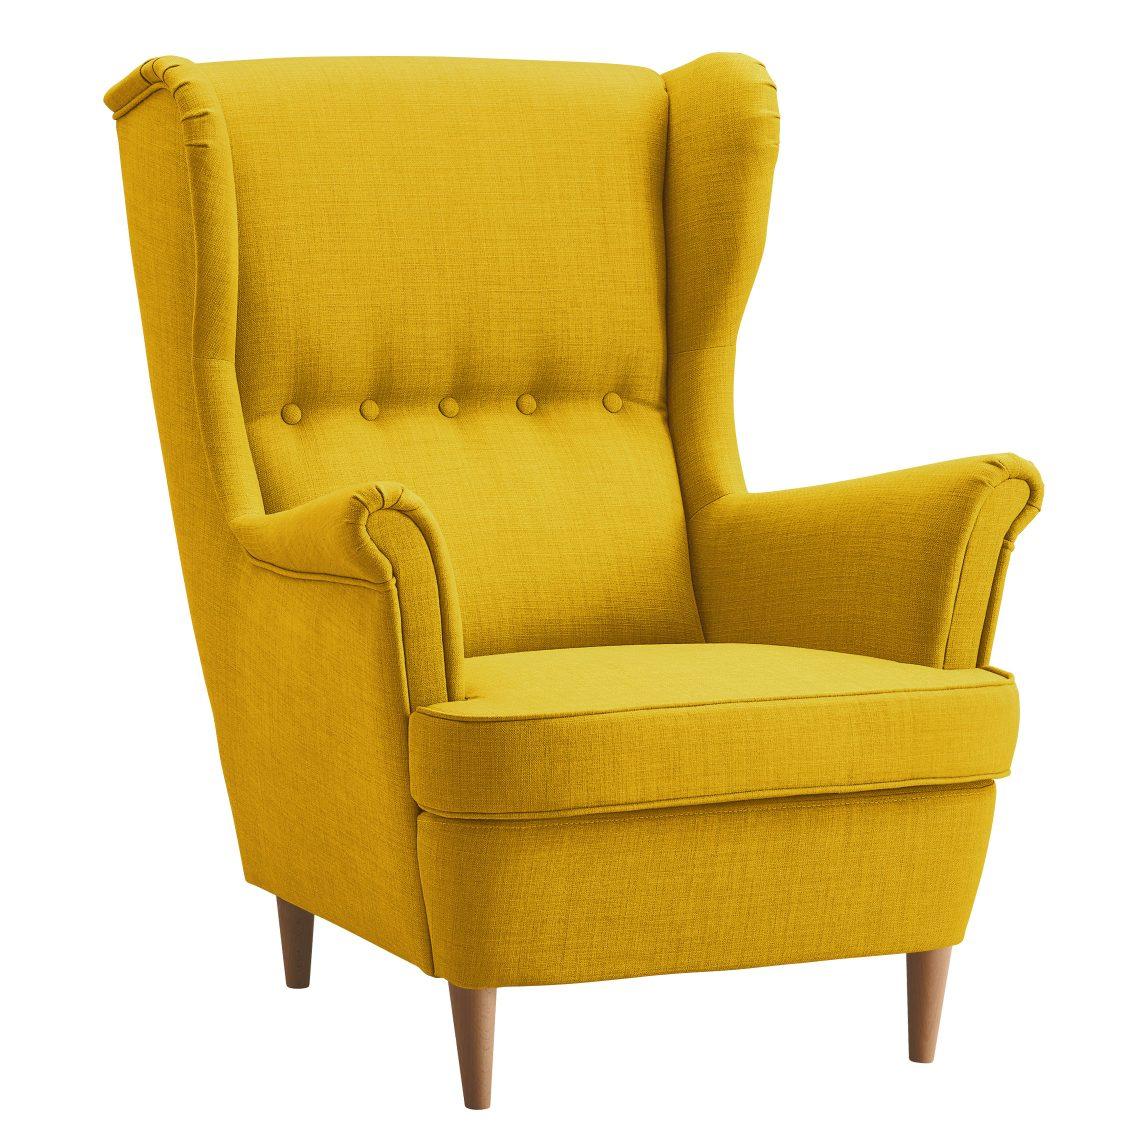 Желтое кресло с высокой спинкой Торн